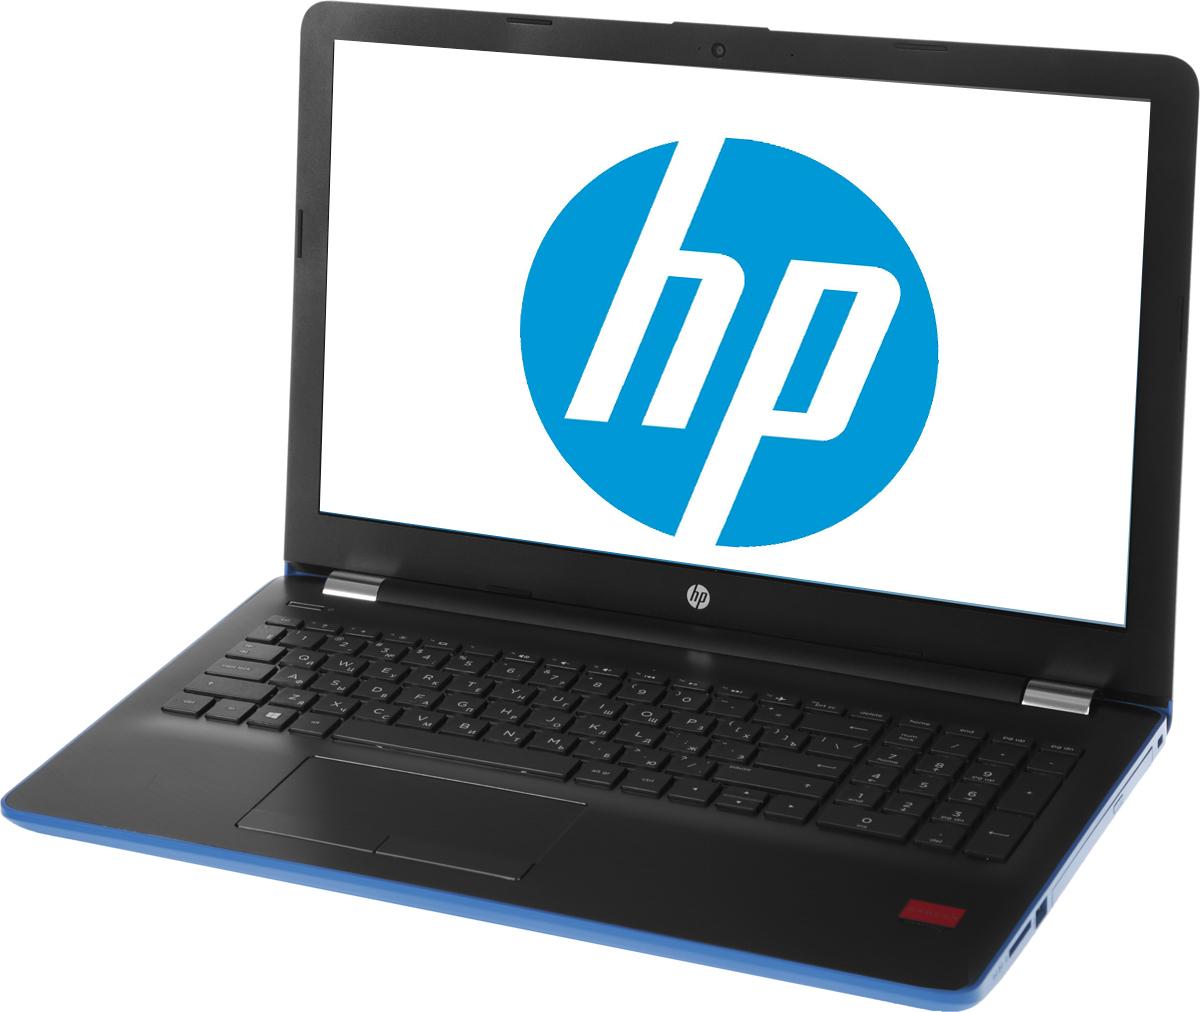 HP 15-bw536ur, Blue (2GF36EA)2GF36EAСтильный ноутбук HP 15-bw536ur, помимо выполнения повседневных задач, поможет вам оставаться на связи весь день. Благодаря неизменно высокой производительности и длительному времени работы от аккумулятора вы можете с комфортом пользоваться Интернетом, вести потоковое вещание и оставаться на связи с нужными людьми.Новейшие процессоры AMD обеспечивают неизменно высокую производительность, которая необходима для работы и развлечений. Надежность и долговечность ноутбука позволят легко выполнять все необходимые задачи.Развлекайтесь и оставайтесь на связи с друзьями и семьей благодаря превосходному дисплею HD (или Full HD в некоторых моделях) и камере HD в некоторых моделях. Кроме того, с этим ноутбуком ваши любимые музыка, фильмы и фотографии будут всегда с вами.Продуманная конструкция и замечательный дизайн этого ноутбука HP с дисплеем диагональю 39,6 см (15,6) идеально подойдут для вашего образа жизни. Изящное оформление, оригинальное покрытие и хромированное шарнирное крепление (на некоторых моделях) добавят немного цвета в будни.Полноразмерная клавиатура островного типа с цифровой клавишной панелью.Сенсорная панель с поддержкой технологии Multi-Touch.Точные характеристики зависят от модификации.Ноутбук сертифицирован EAC и имеет русифицированную клавиатуру и Руководство пользователя